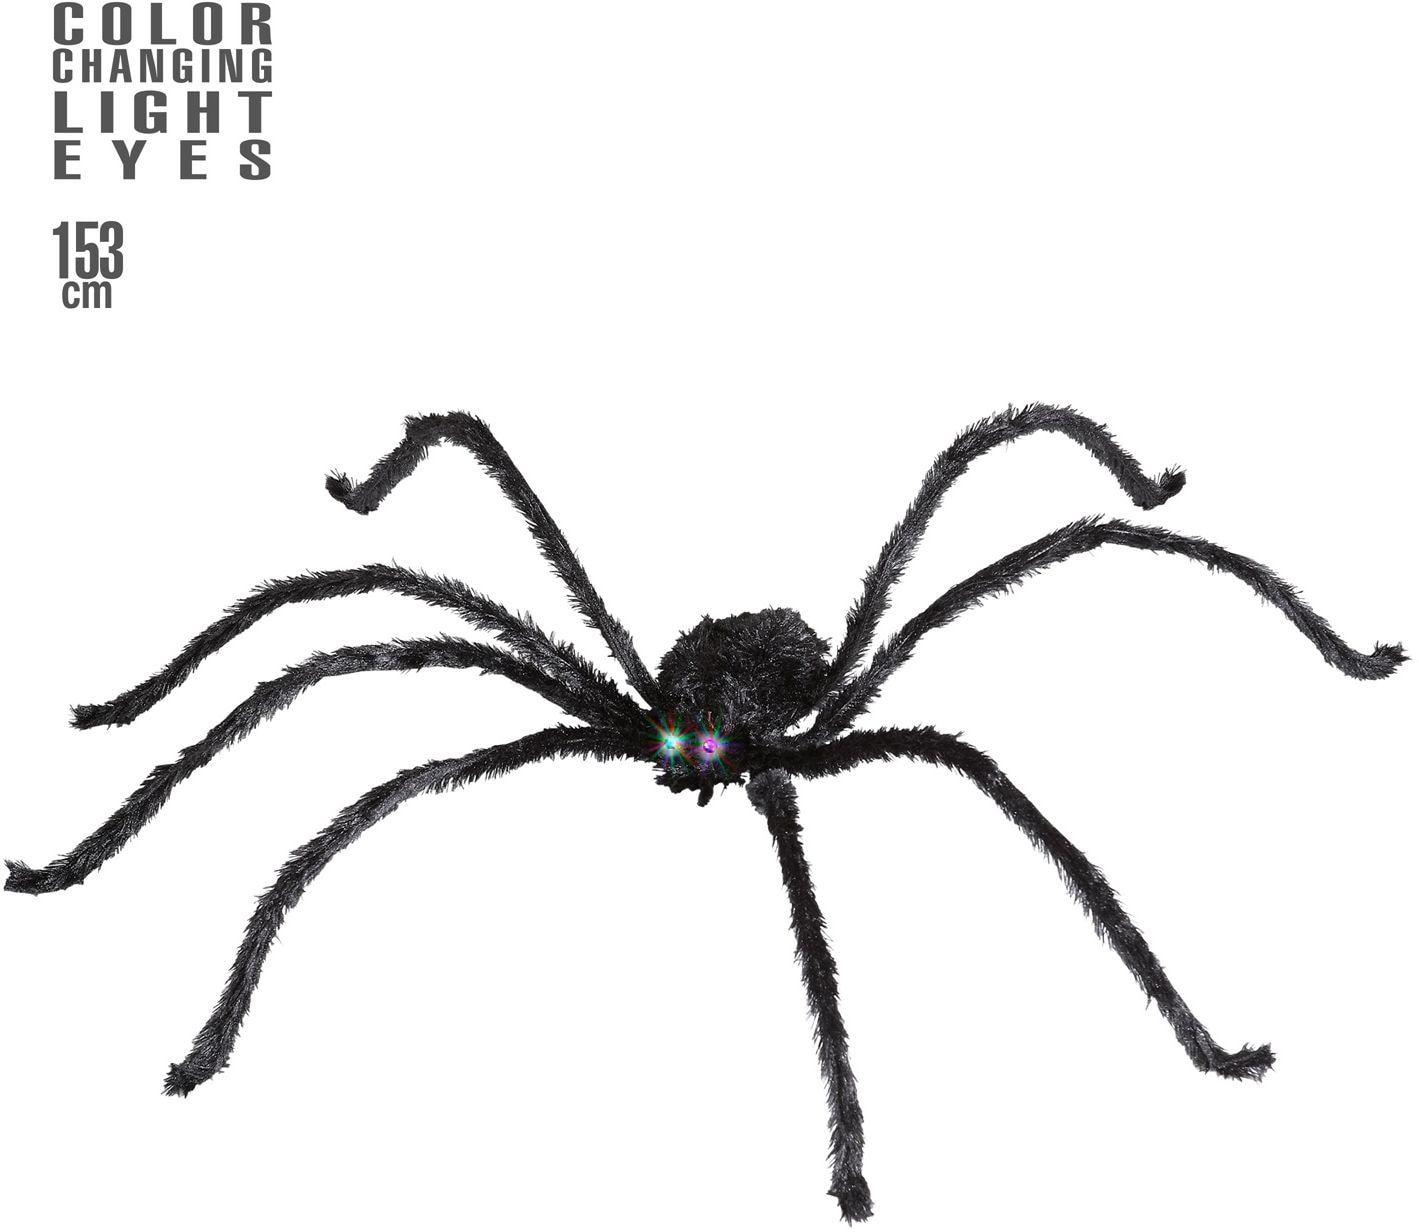 Grote spin met lichtgevende en van kleur veranderende ogen